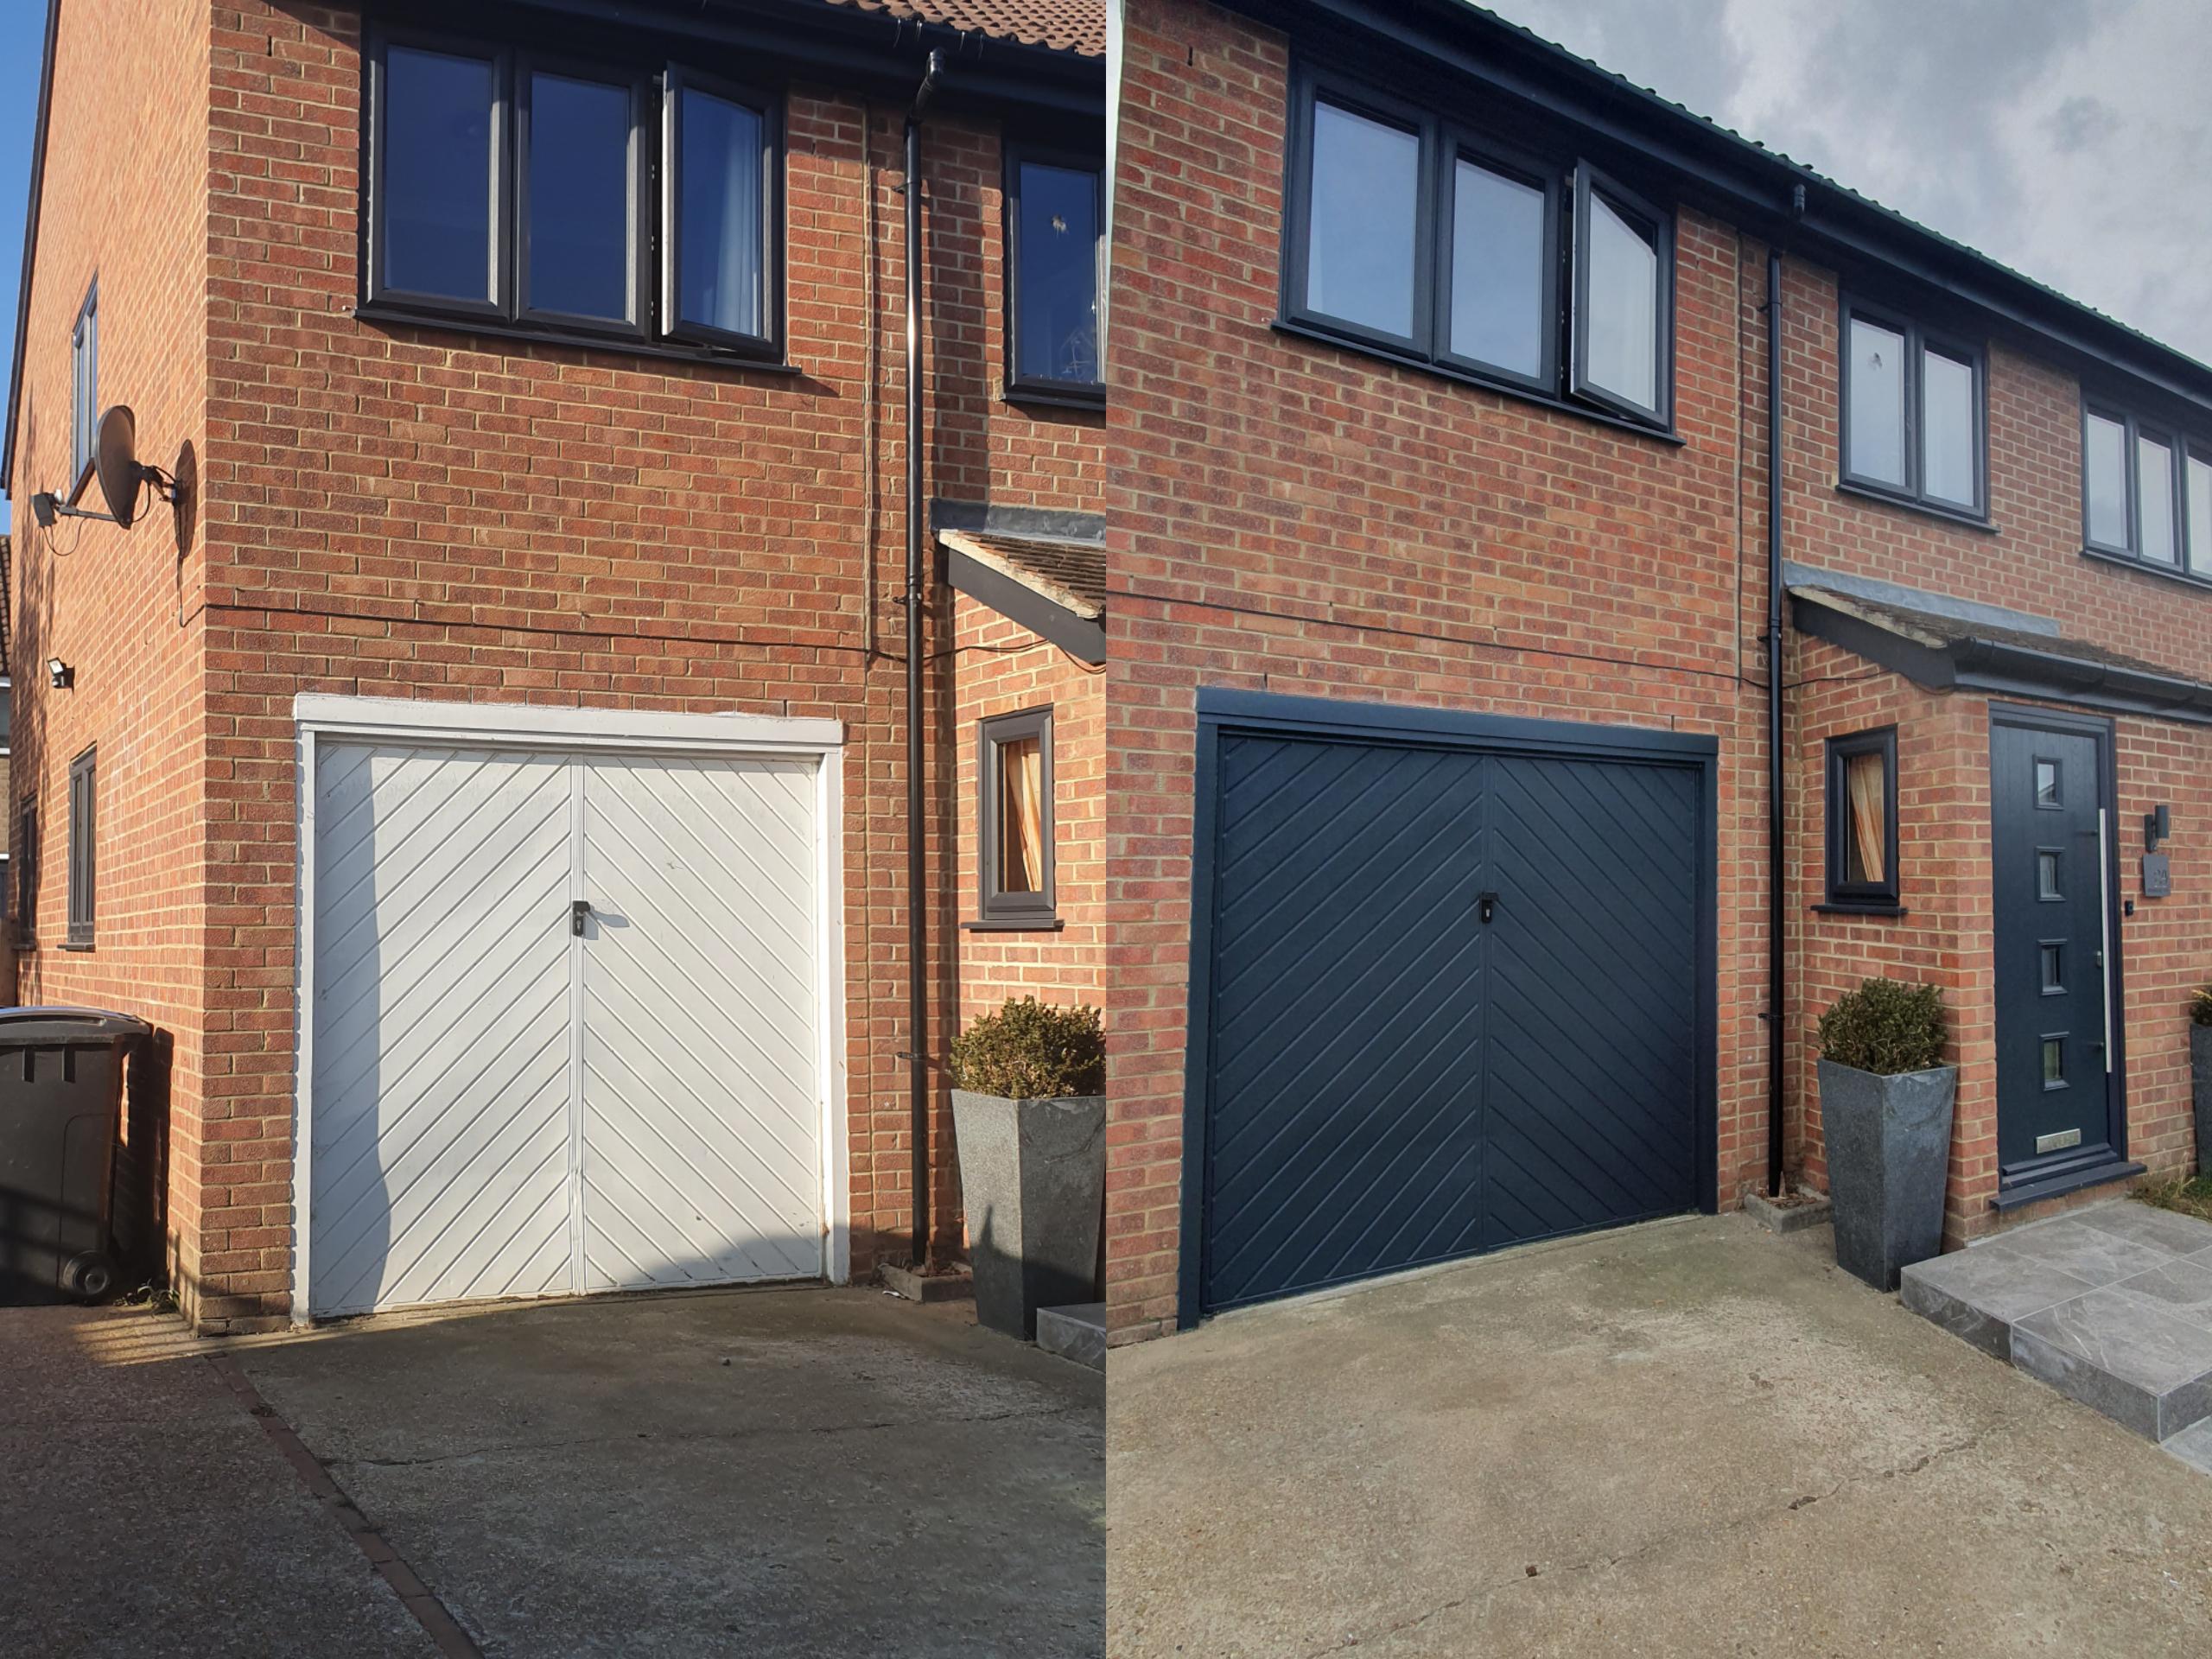 Garage door re-spray from white to grey